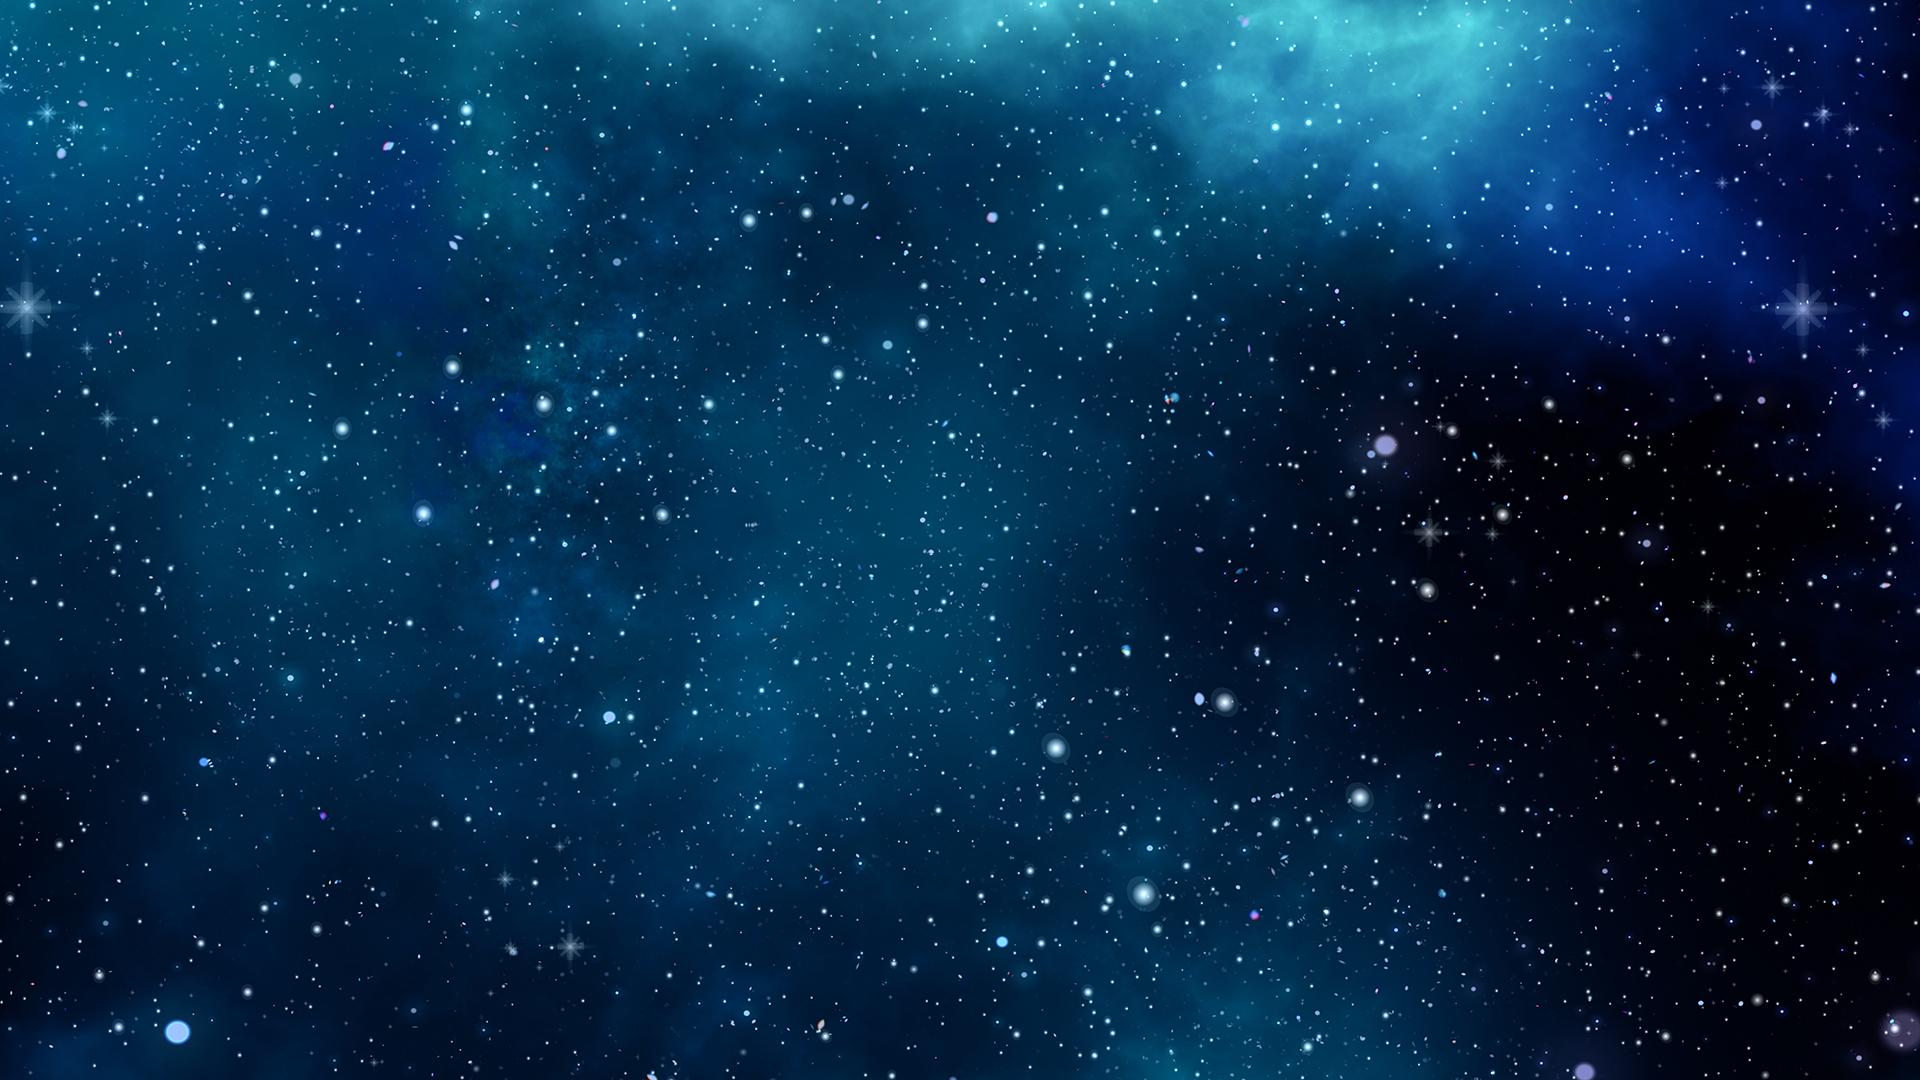 4k Blue Space Wallpaper Hd